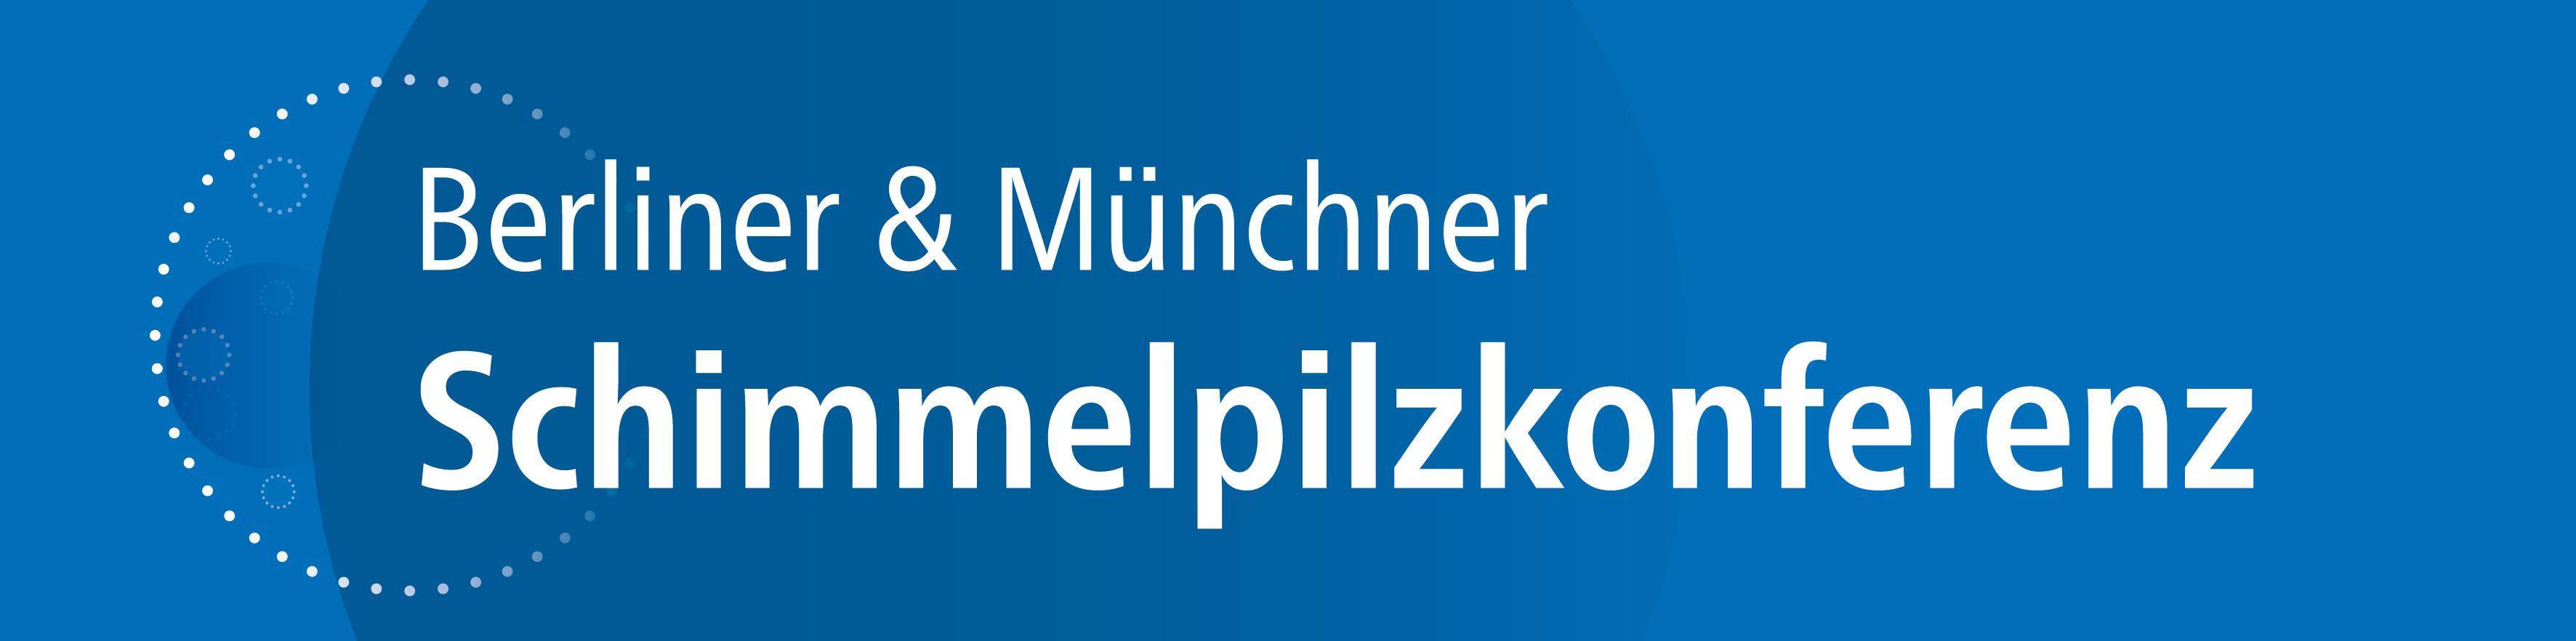 Schimmelpilzkonferenz Berlin